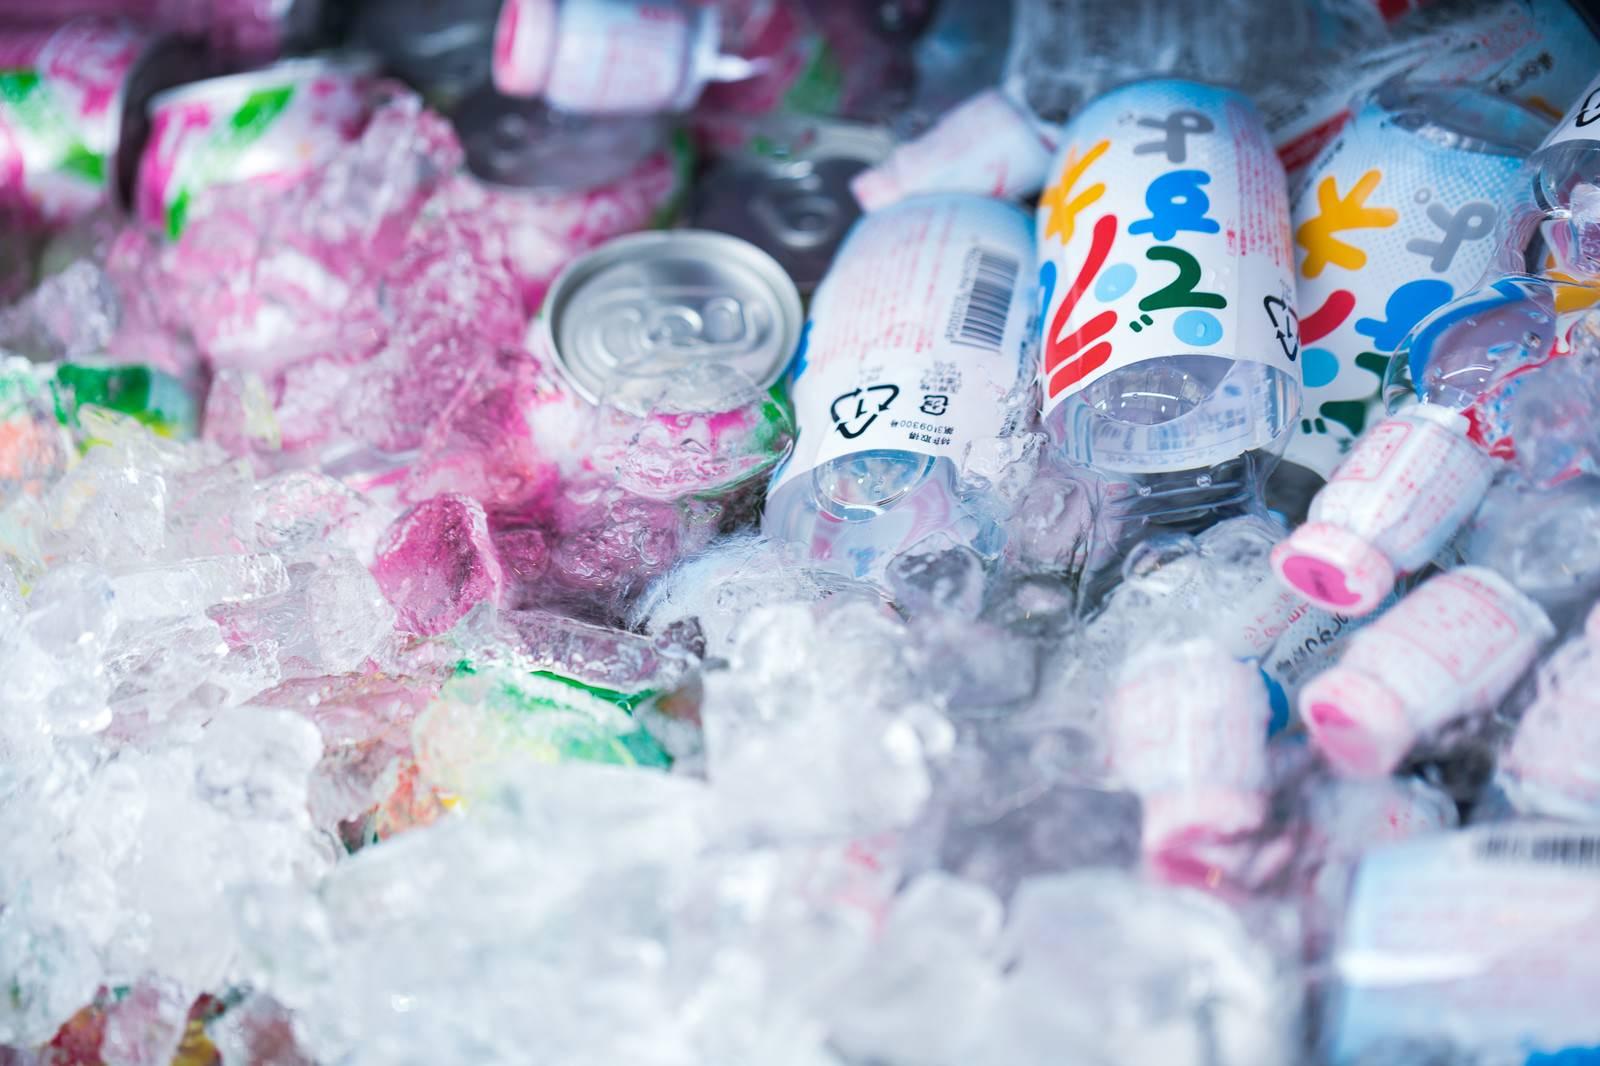 「氷で冷やされたジュース類(ラムネ)氷で冷やされたジュース類(ラムネ)」のフリー写真素材を拡大